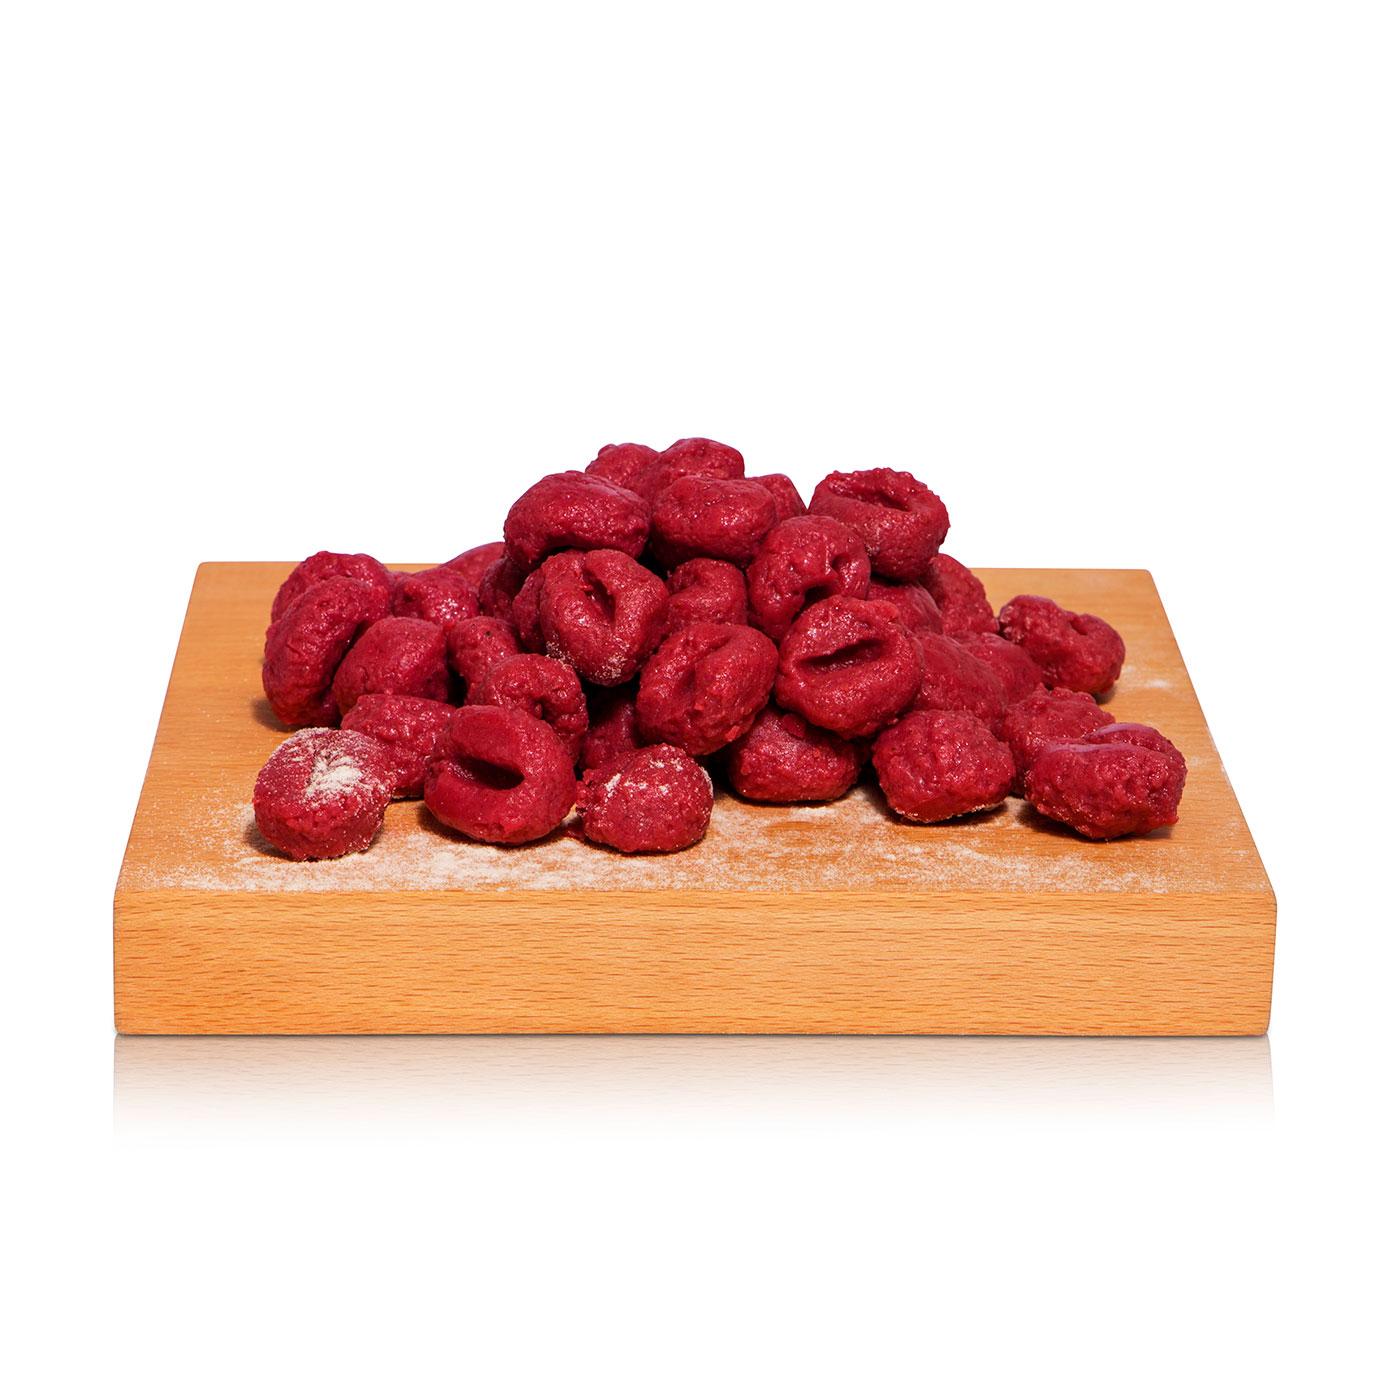 Gnocchi con Rapa Rossa